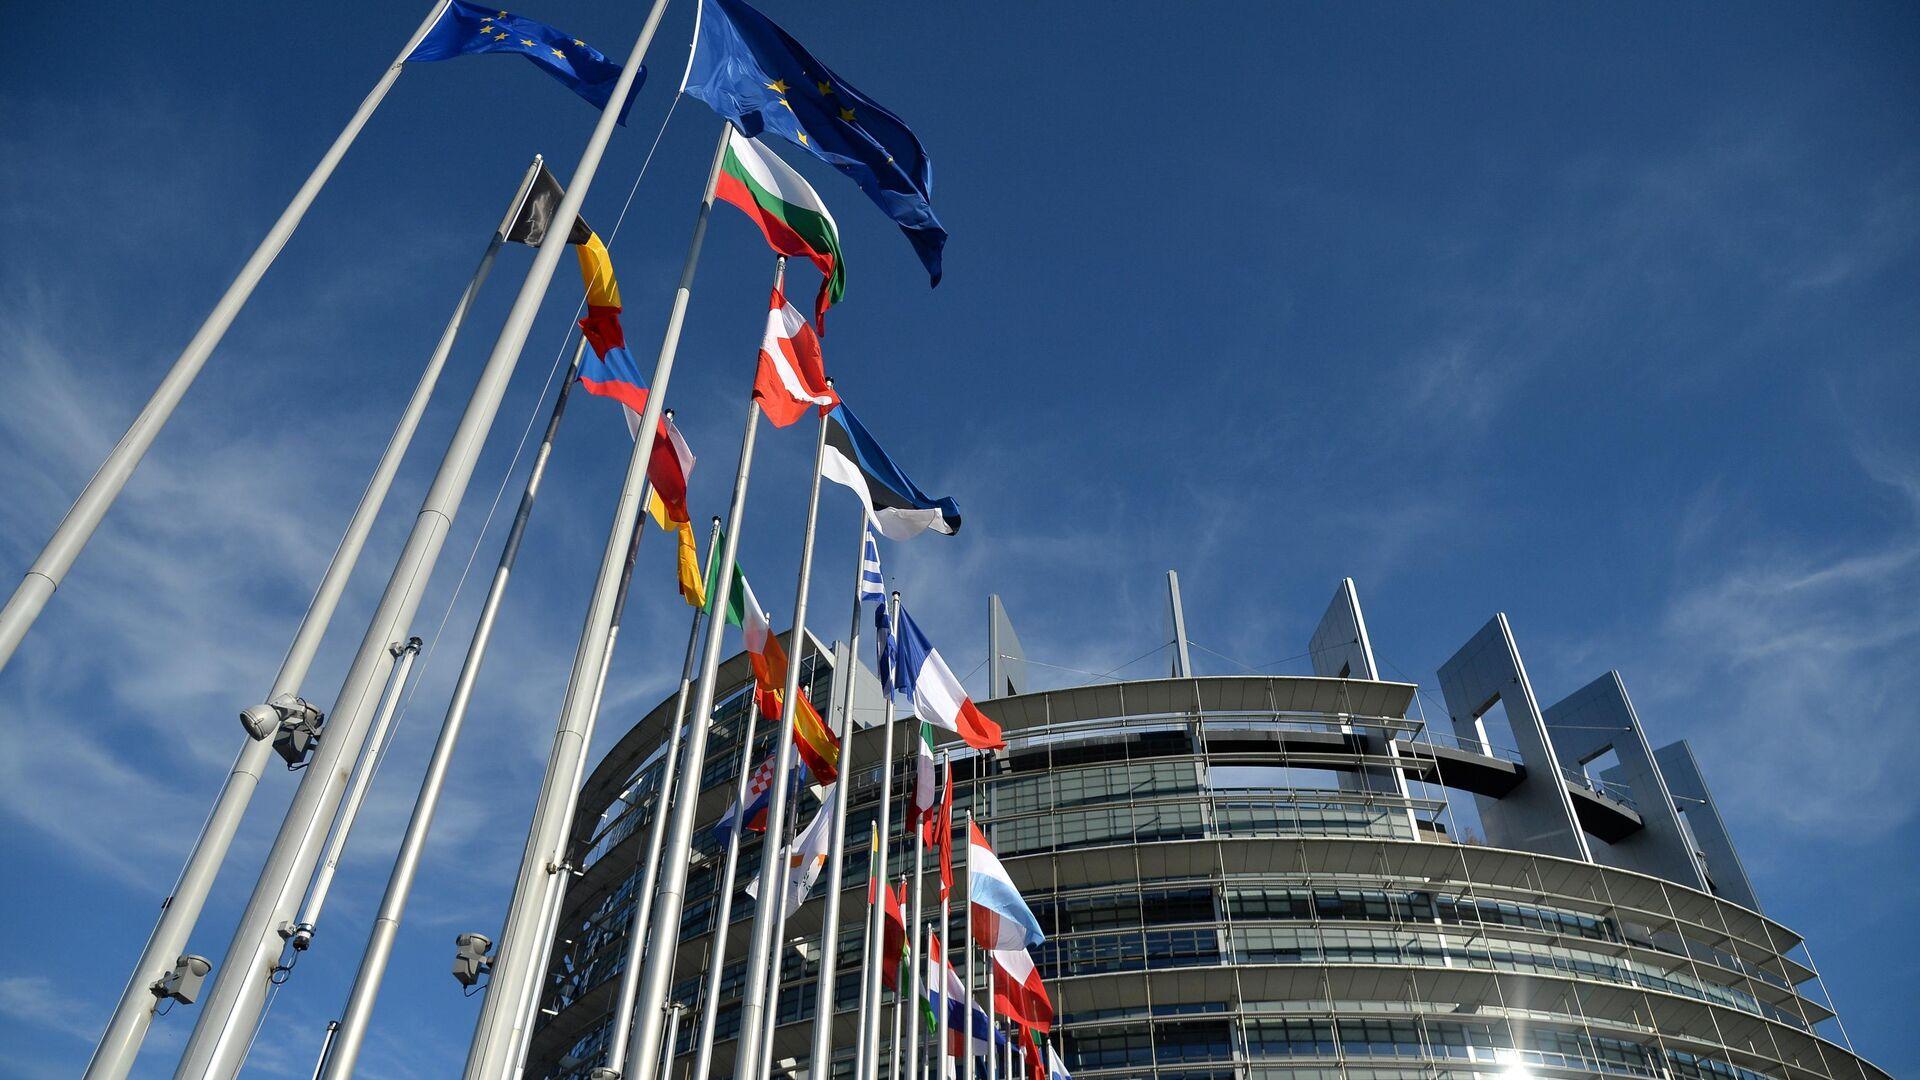 Флаги возле Дворца Европы в Страсбурге - РИА Новости, 1920, 21.06.2021